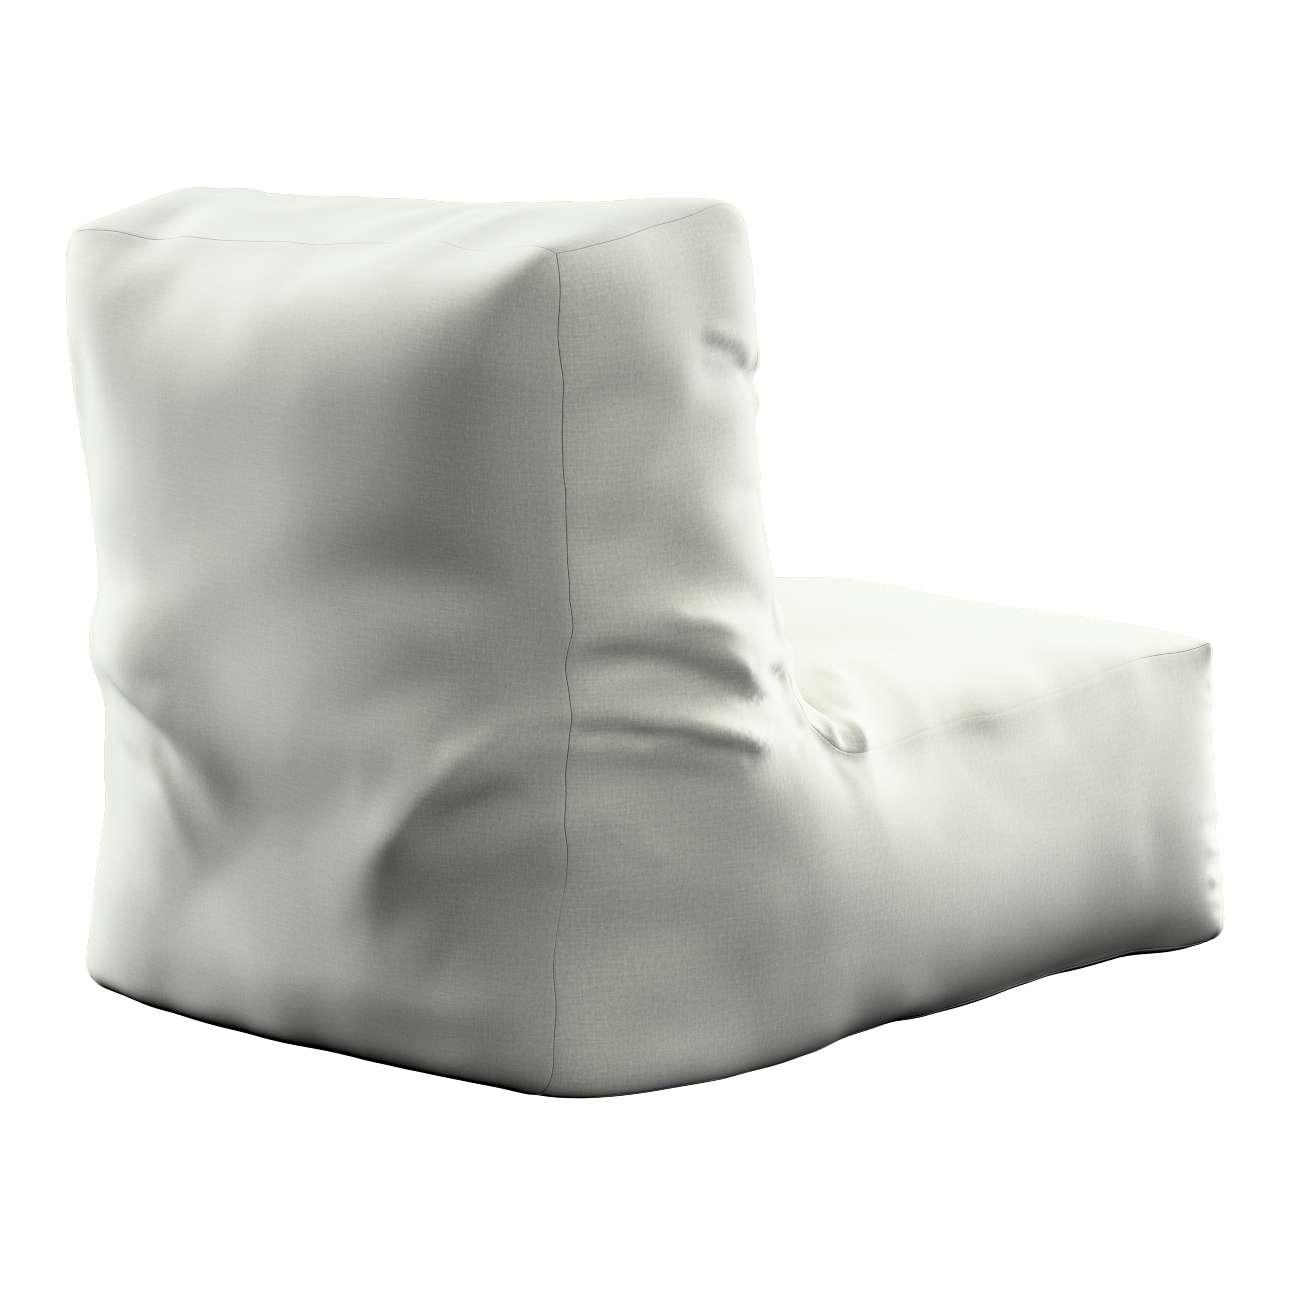 Pufa- fotel w kolekcji Ingrid, tkanina: 705-41